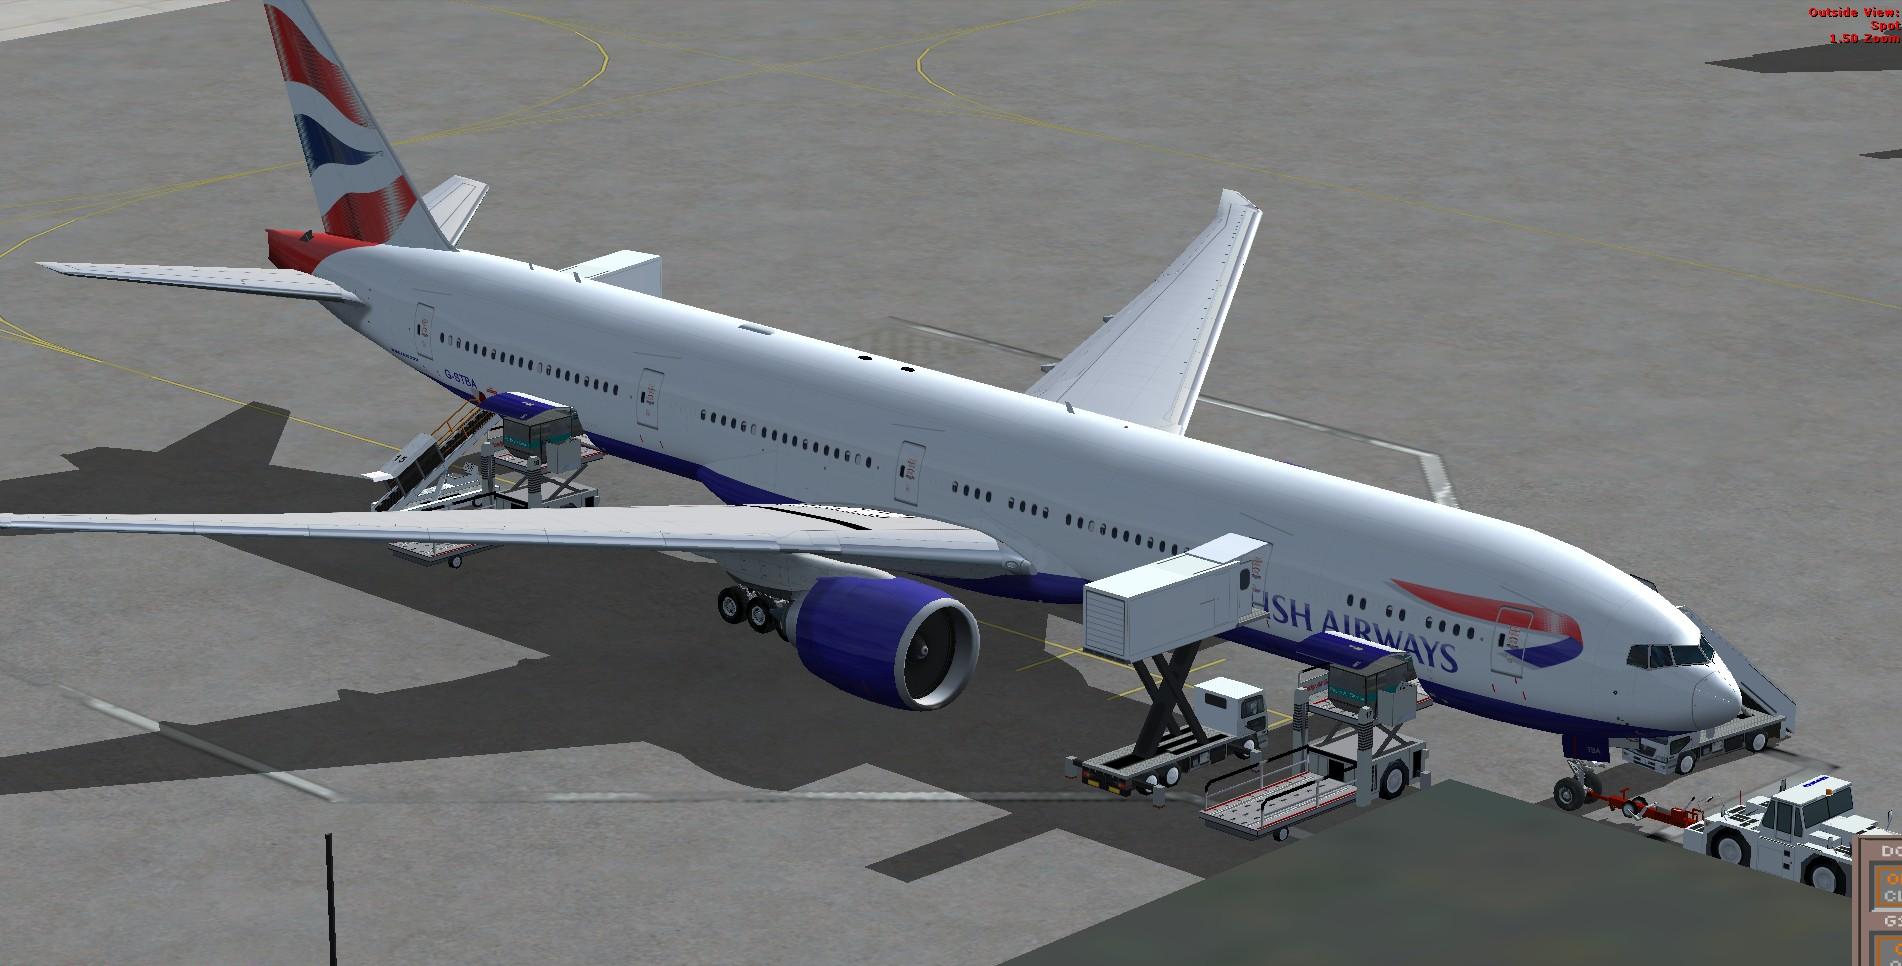 fs-freeware net - FSX Boeing 777-300ER British Airways G